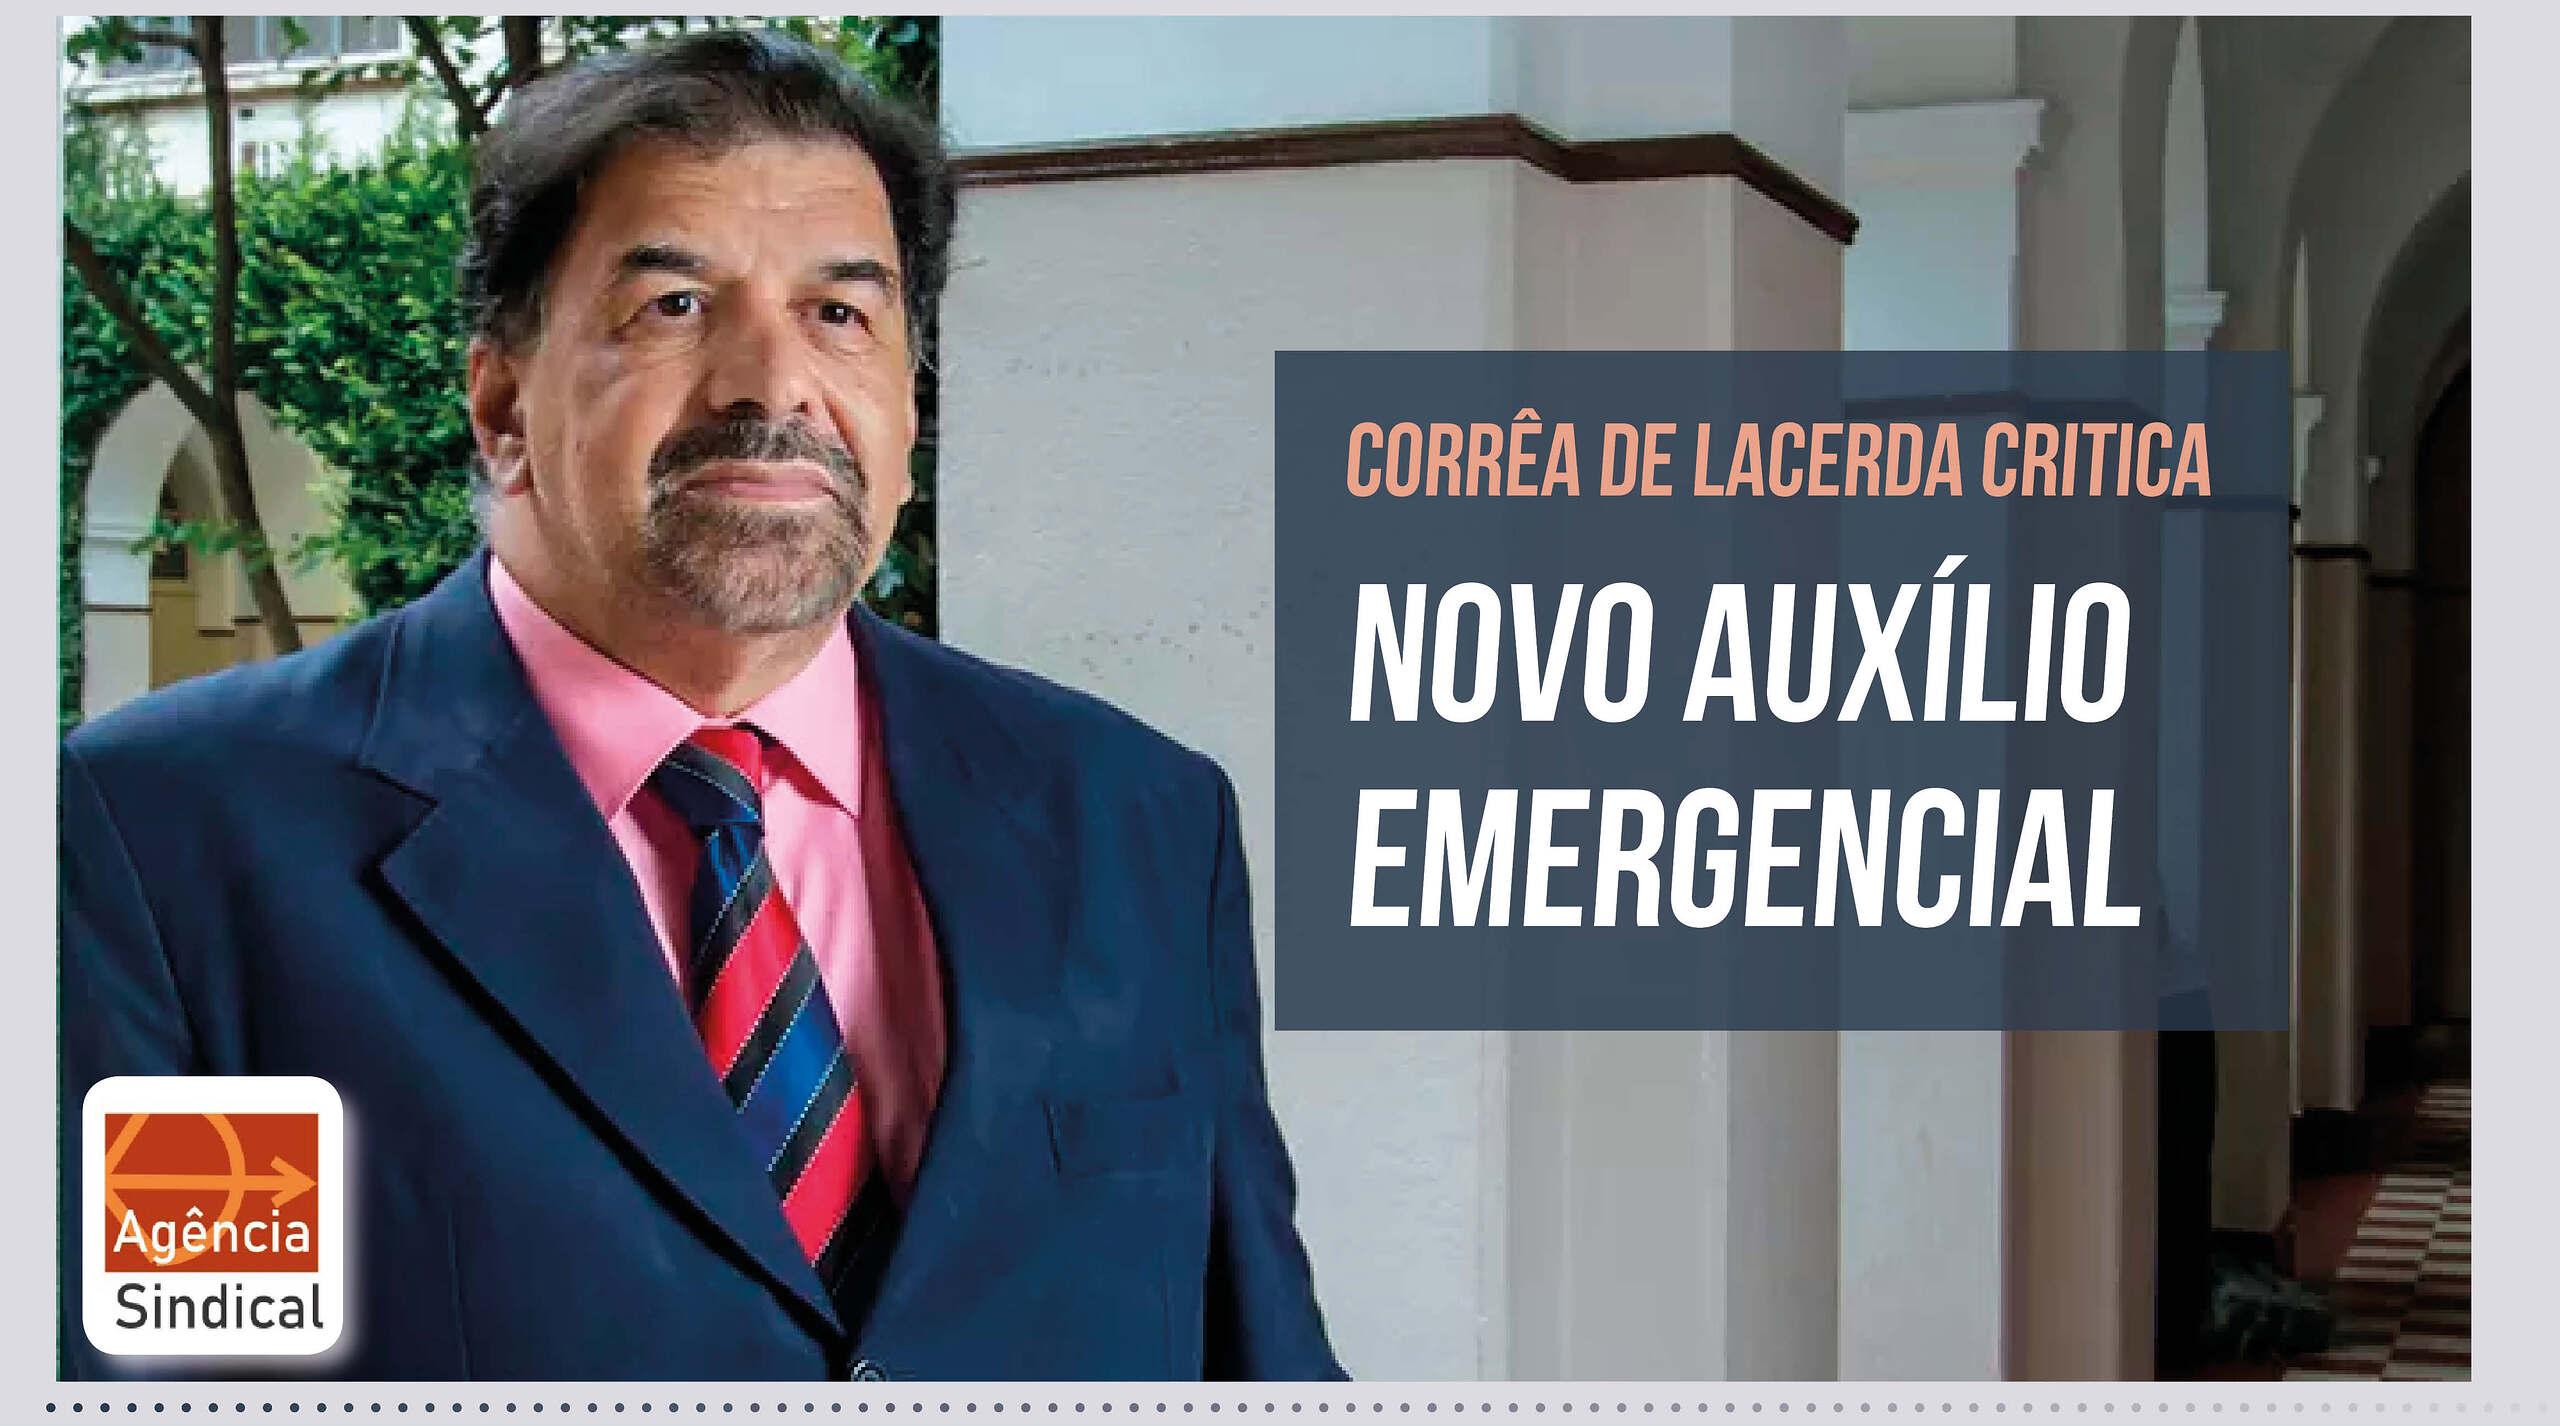 Professor Corrêa de Lacerda critica arrocho no Auxílio